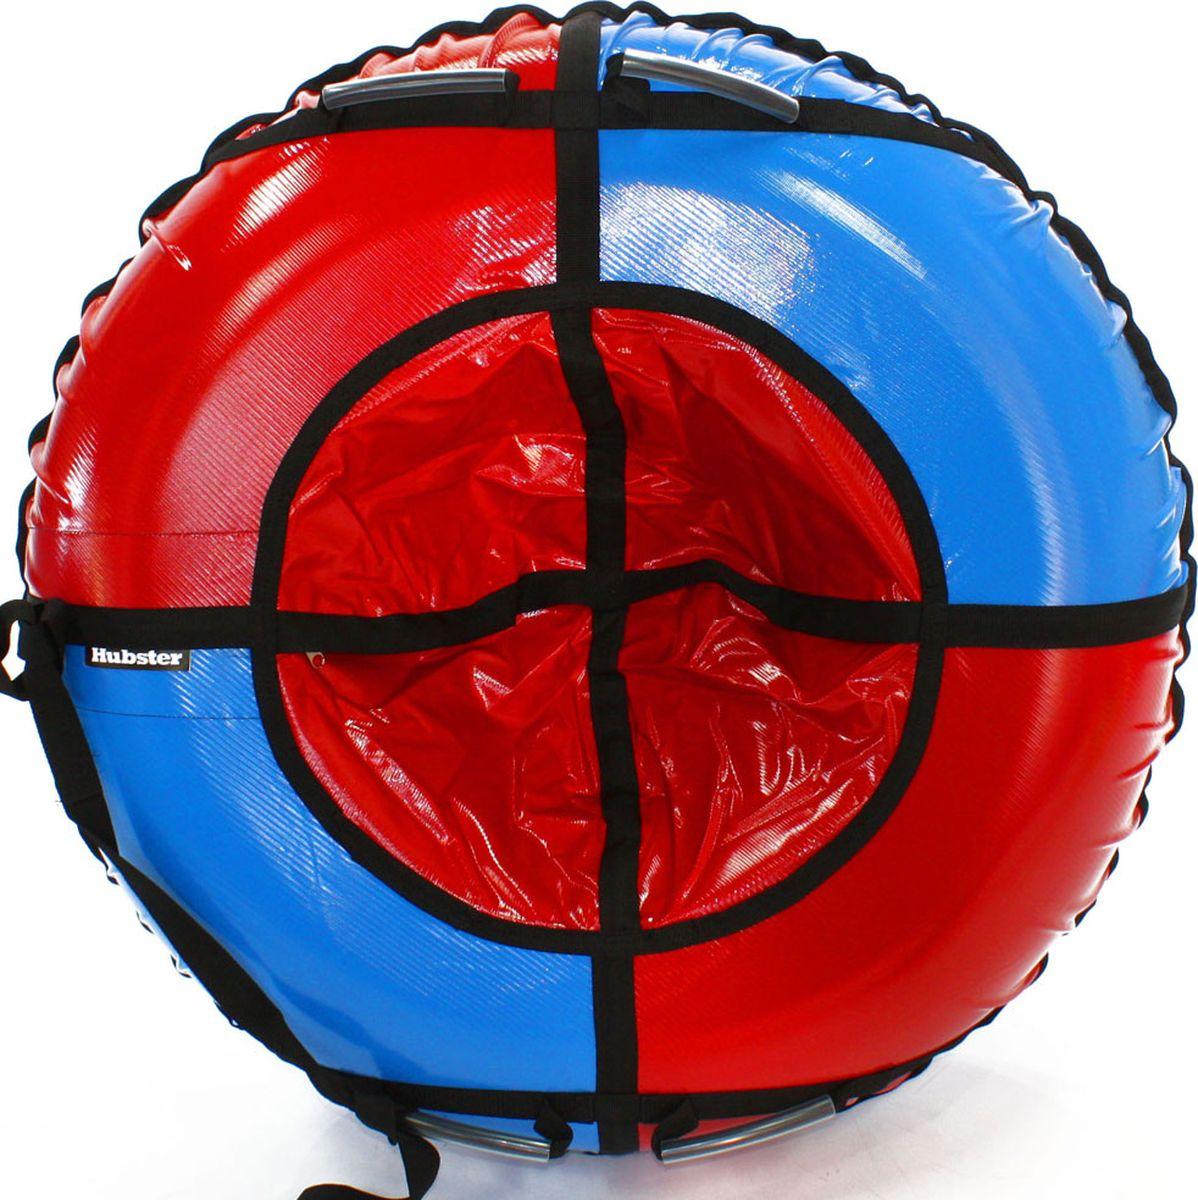 Тюбинг Hubster Sport Plus, цвет: красный, синий, диаметр 120 смво4188-2Любимая детская зимняя забава - это кататься с горки. А катание на тюбинге надолго запомнится вам и вашим близким. Свежий воздух, веселая компания, веселые развлечения - эти моменты вы будете вспоминать еще долгое время. Материал верха - ПВХ армированный, плотность 650 г/м .Материал дна - ПВХ (усиленная скользкая ткань), плотность 650 г/м.Диаметр в сдутом виде -120 см.Диаметр в надутом виде - 109 см.Ручки усиленные (нашиты на дополнительную стропу)Кол-во ручек - 4 шт. Молния скрытая, на сиденье.Крепление троса - наружная петля.Длина троса - 1 метр.Нагрузка -до 150 кг.Комплект поставки - ватрушка, трос, камера.Тюбинг не предназначен для буксировки механическими или транспортными средствами (подъемники, канатные дороги, лебедки, автомобиль, снегоход, квадроцикл и т.д.)